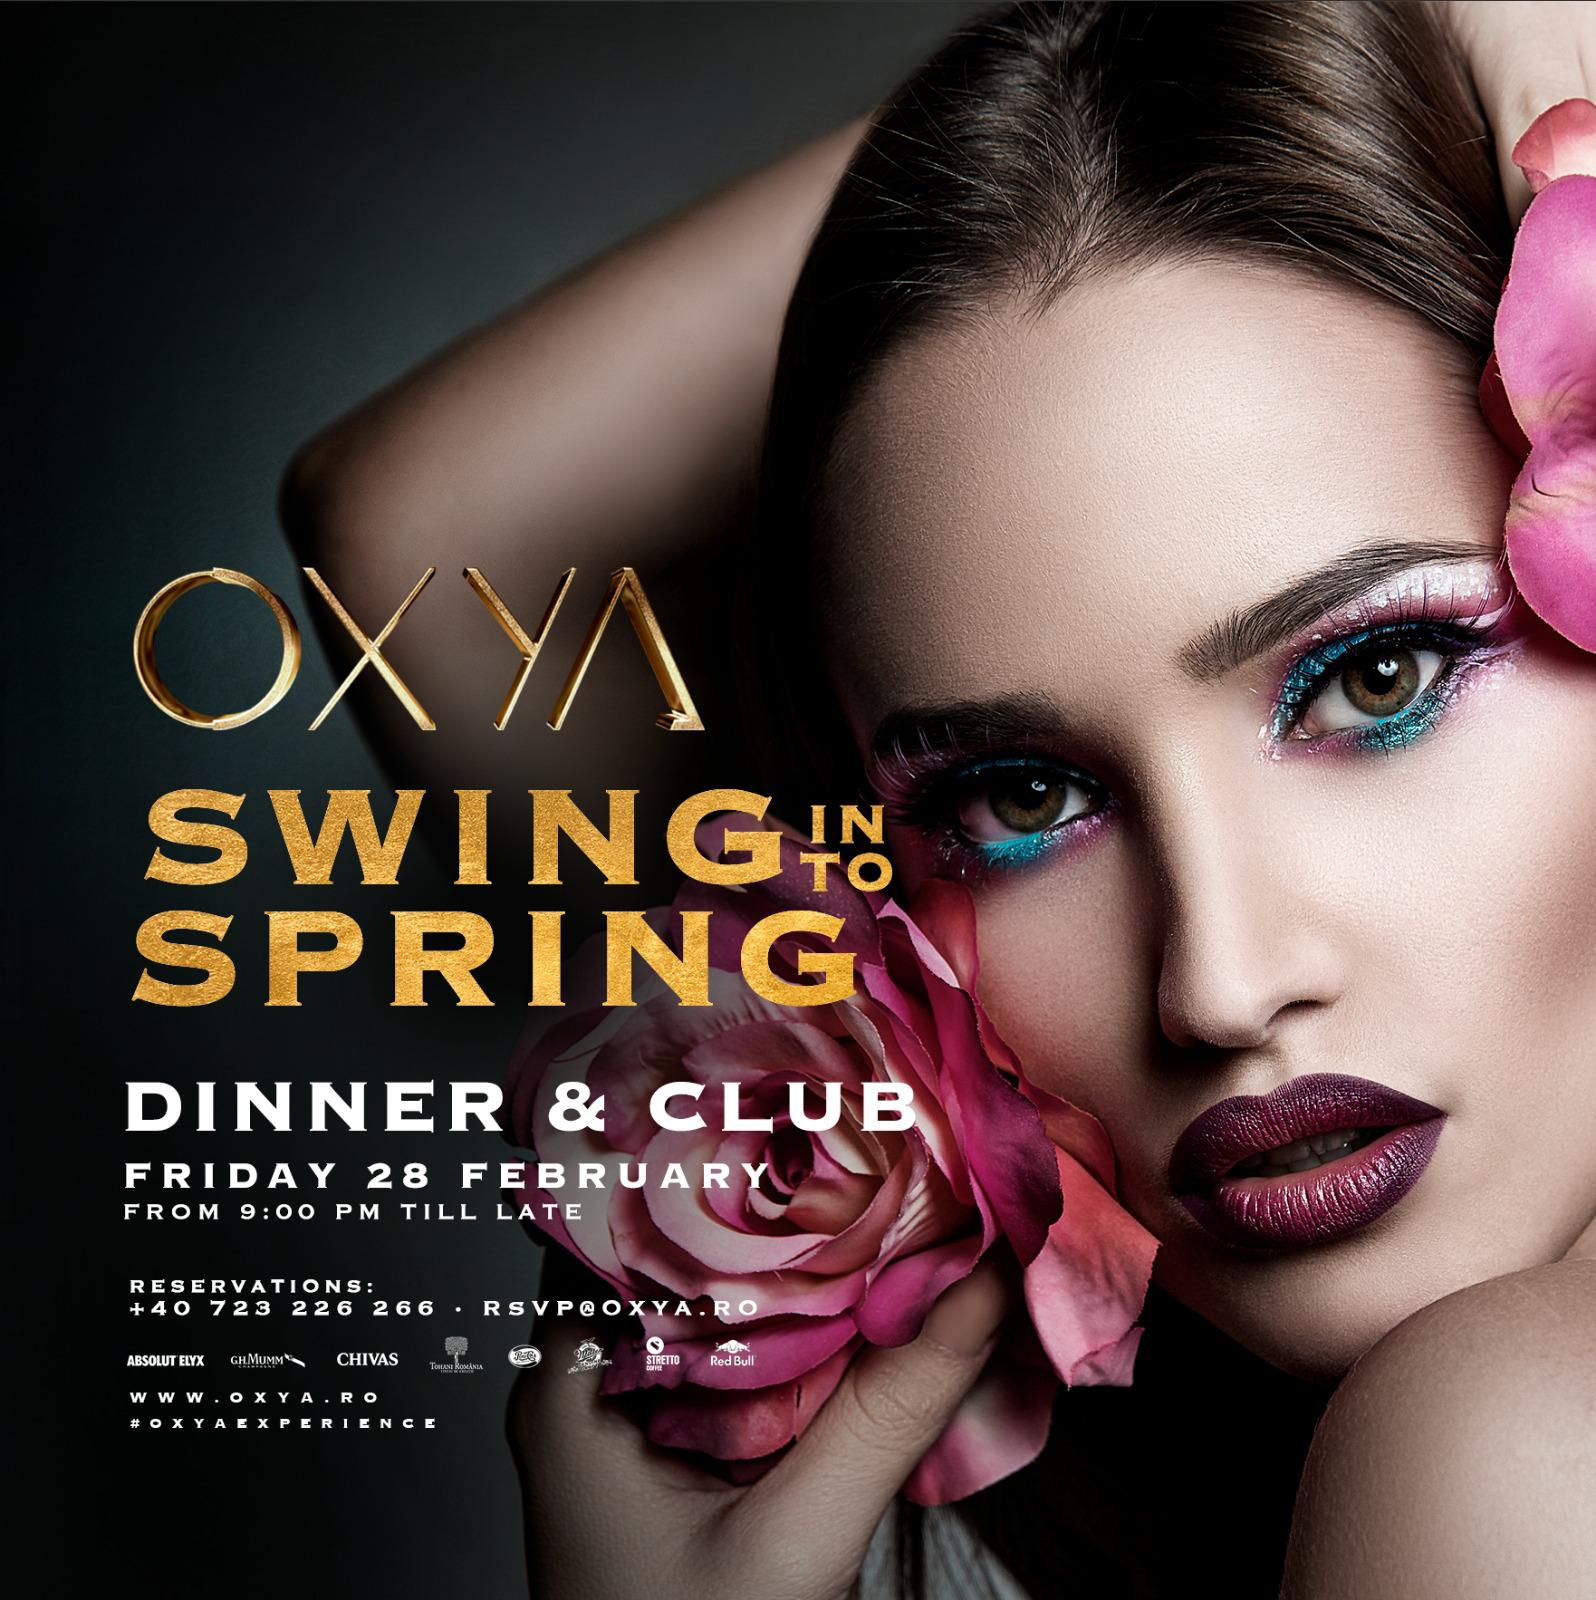 oxya-event